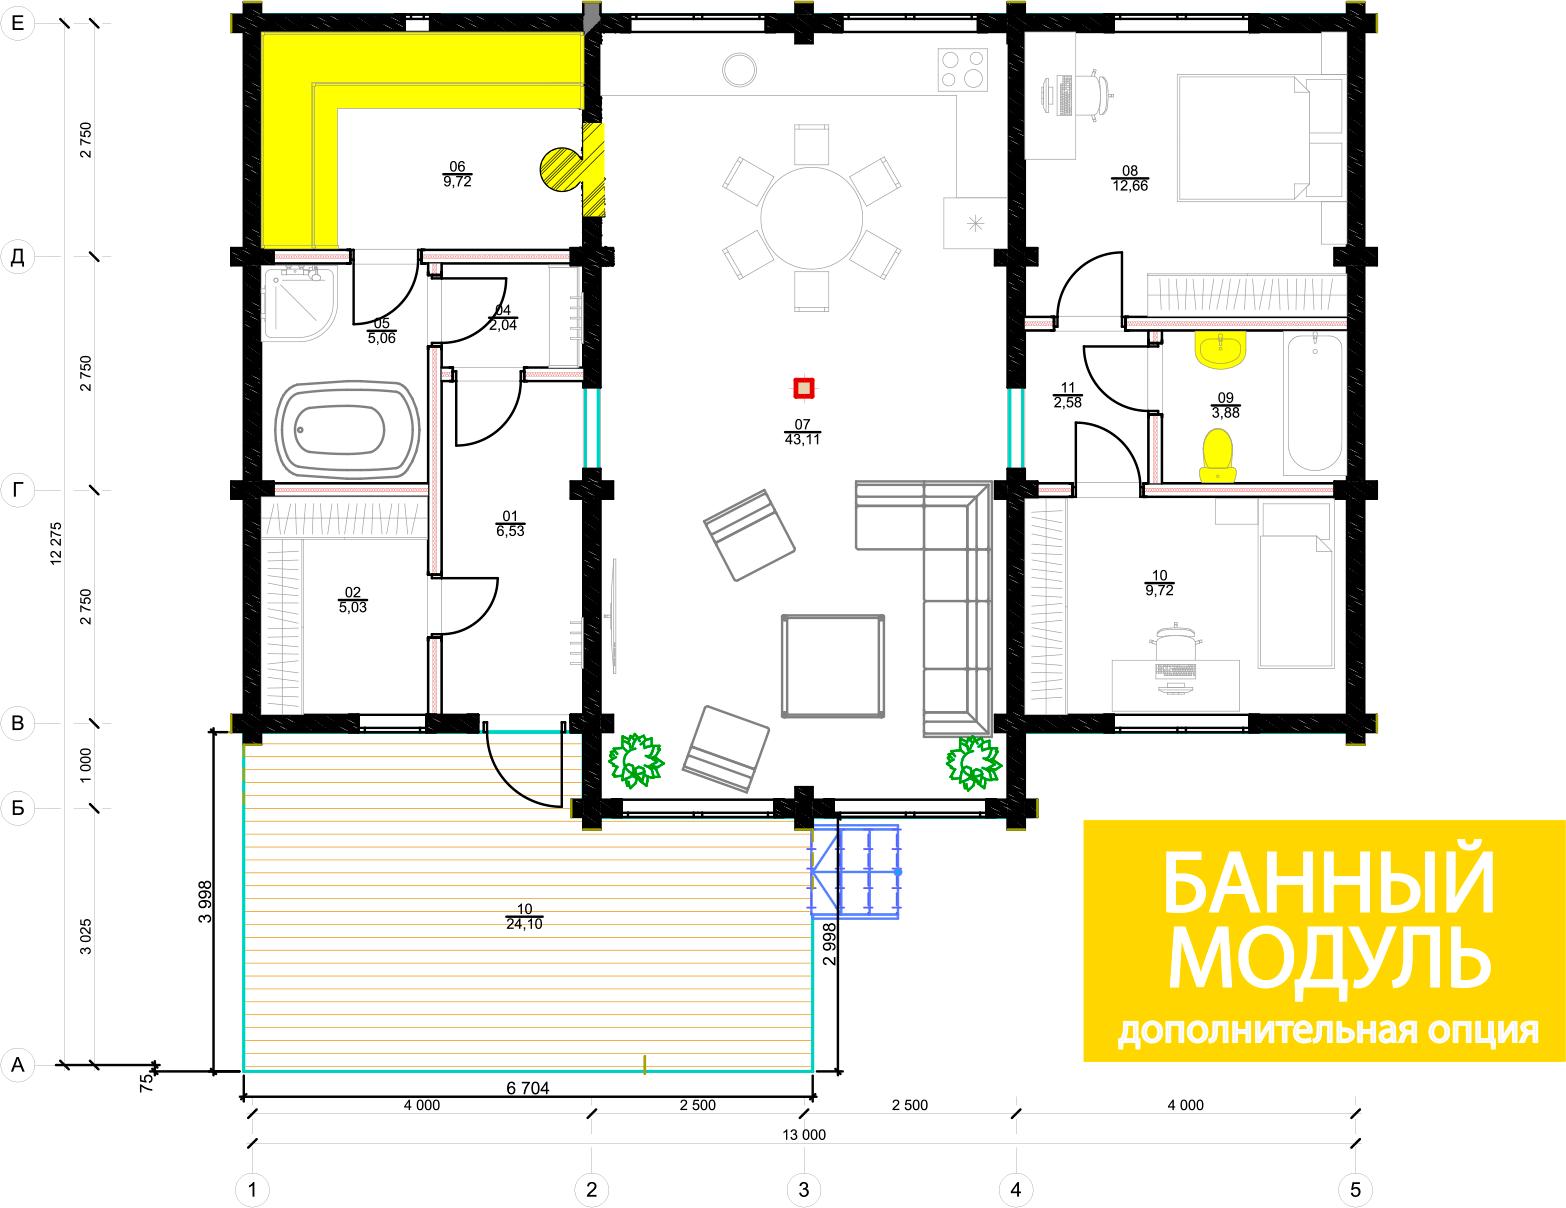 План первого этажа Bonn 1.1 (Дом Бонн) 2